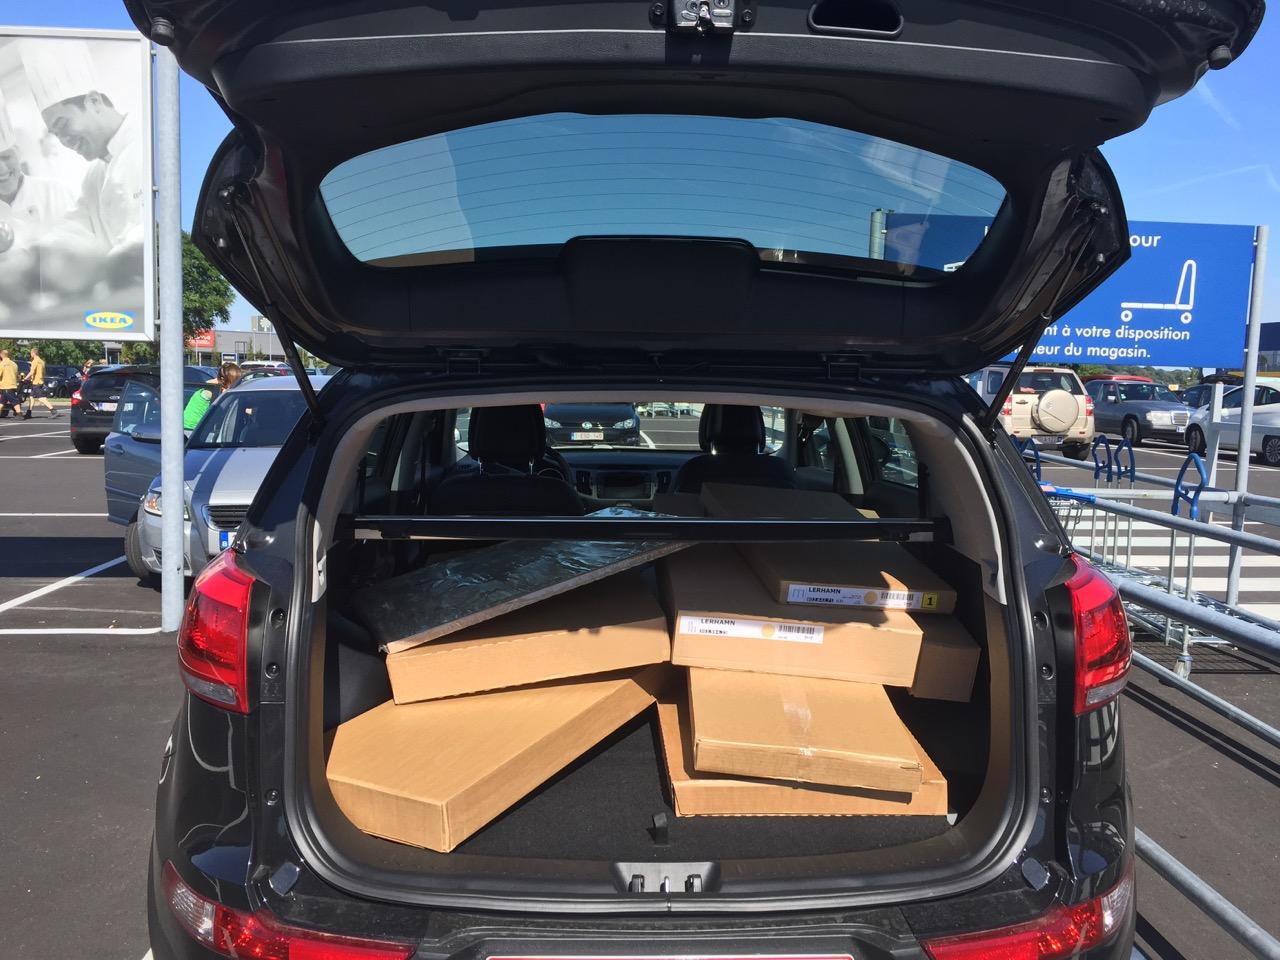 une semaine au volant de la kia sportage 1 7 crdi 115 ch link2fleet for a smarter mobility. Black Bedroom Furniture Sets. Home Design Ideas